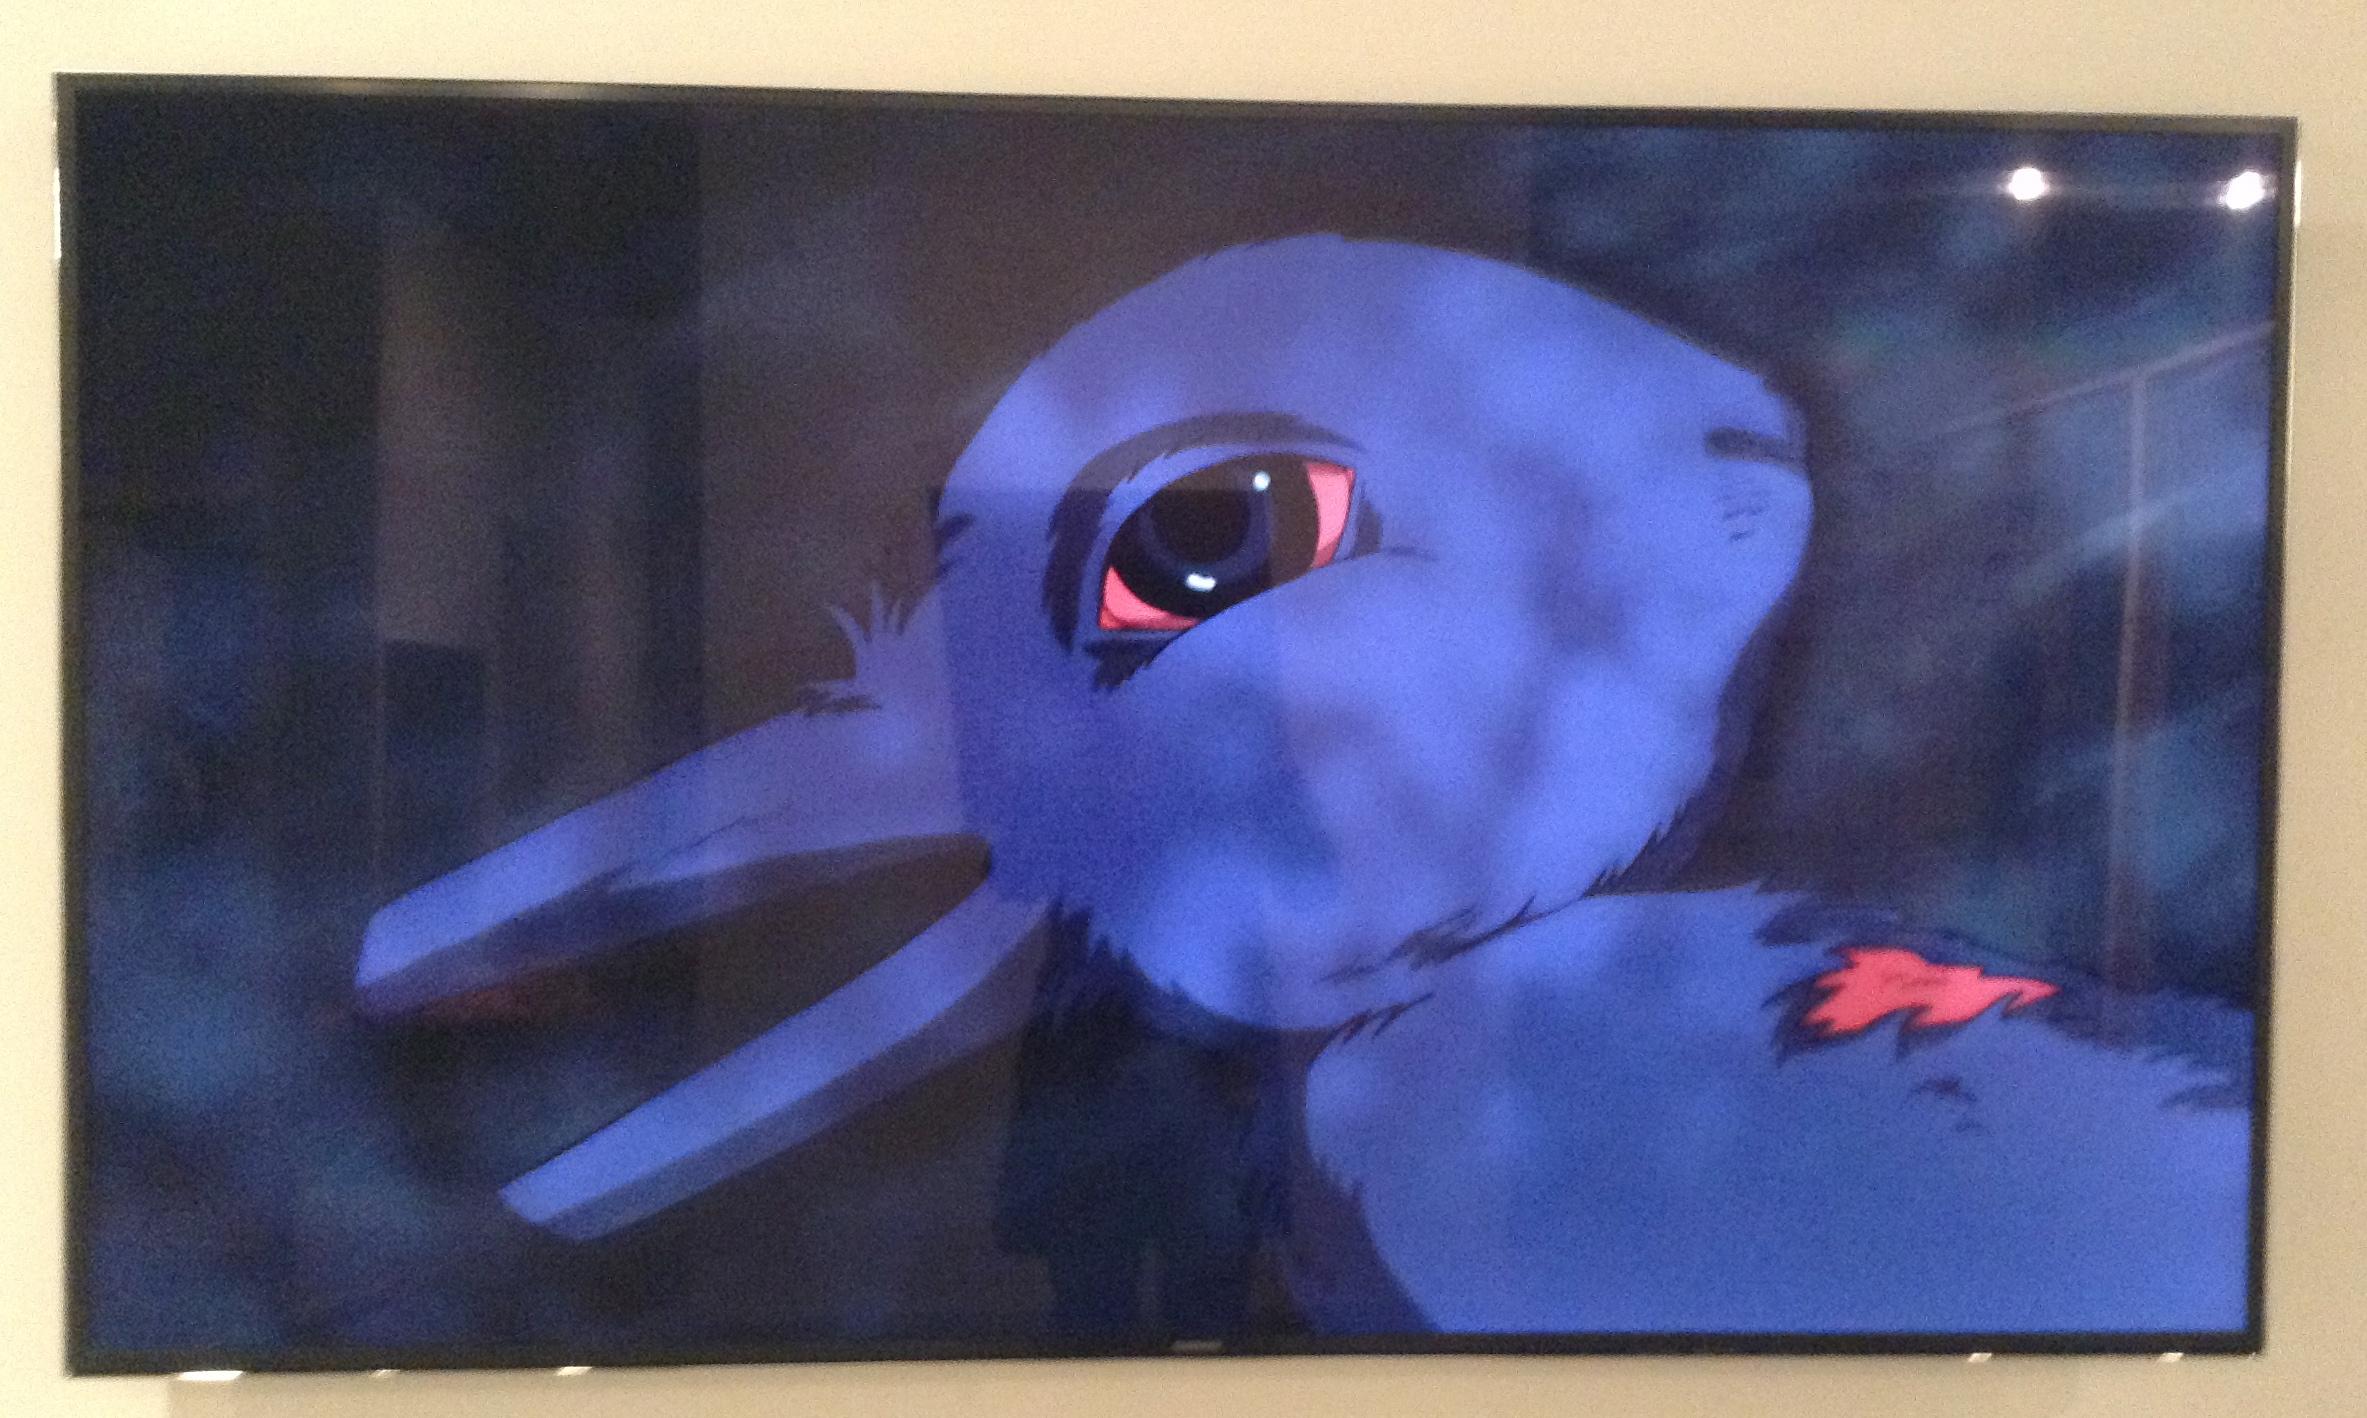 Janus de Miljohn Ruperto, animé par Aimée de Jongh, 2014